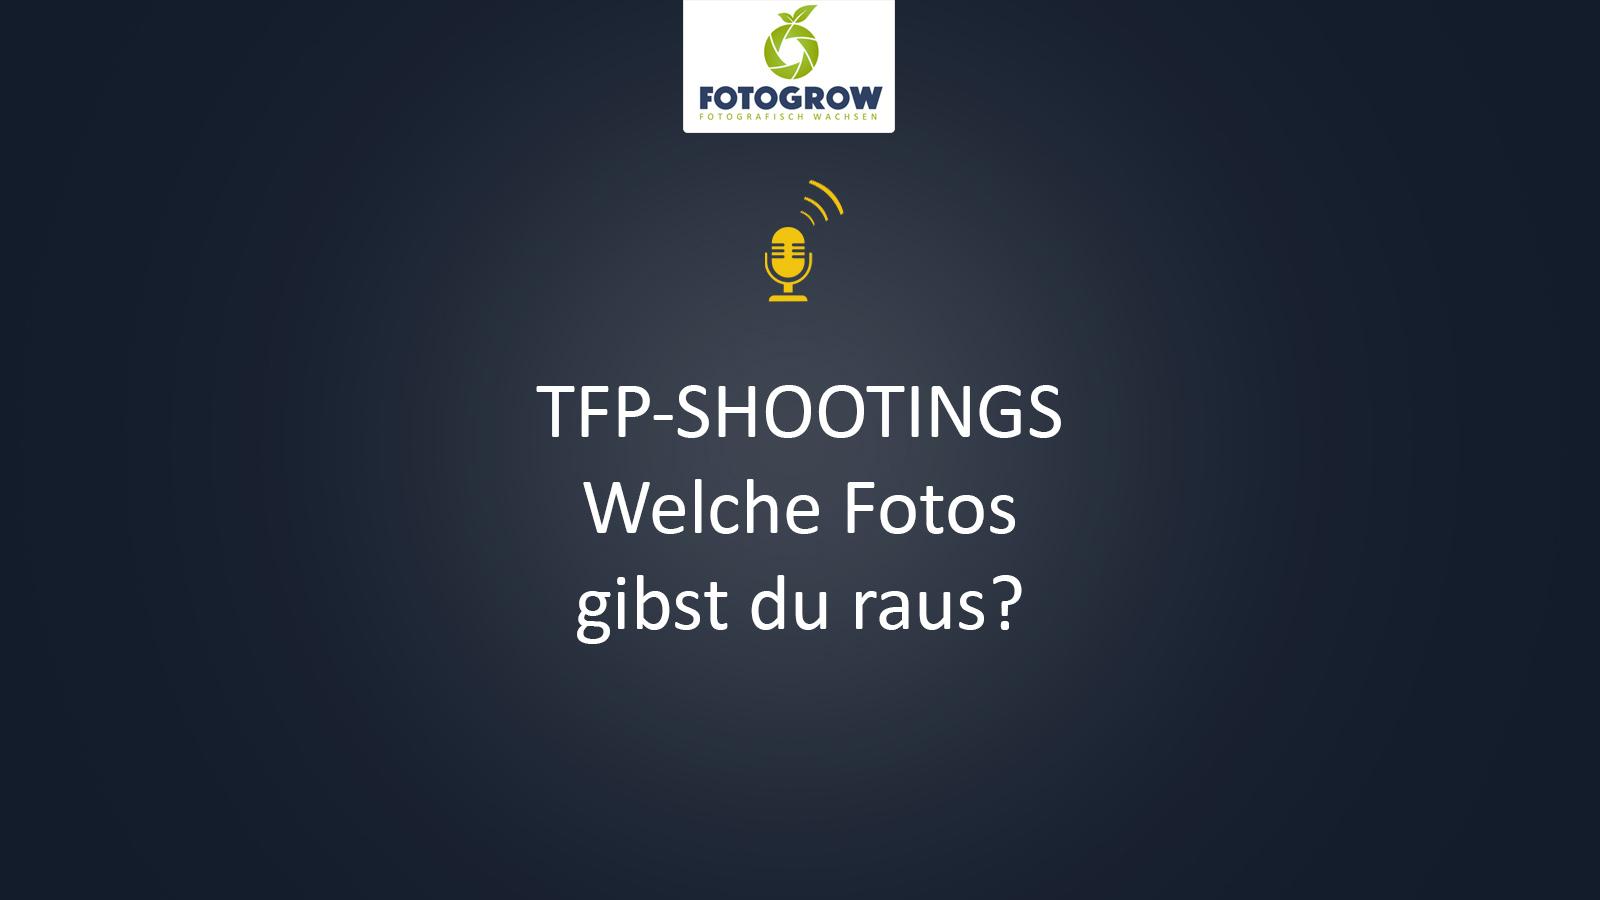 TFP Shootings, welche Fotos gibst du raus?